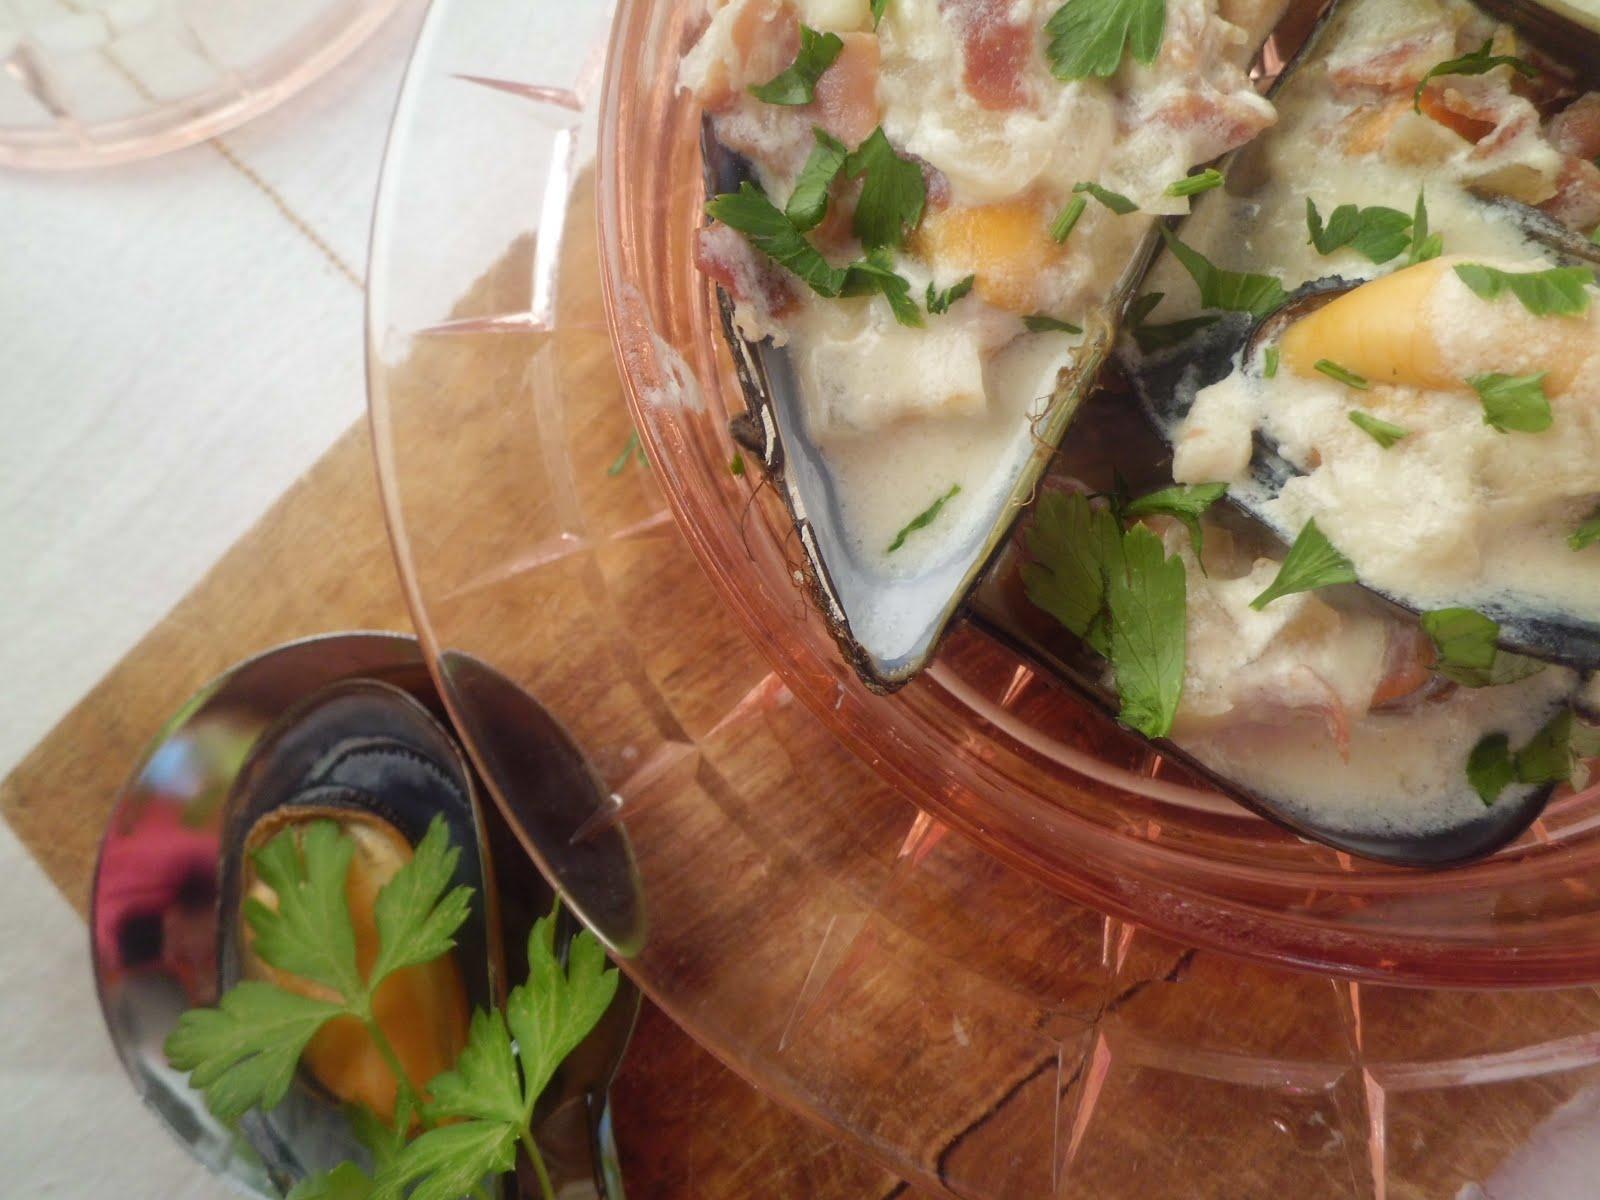 Mi adorable cocina mejillones en salsa de vino blanco for Cocinar mejillones en salsa